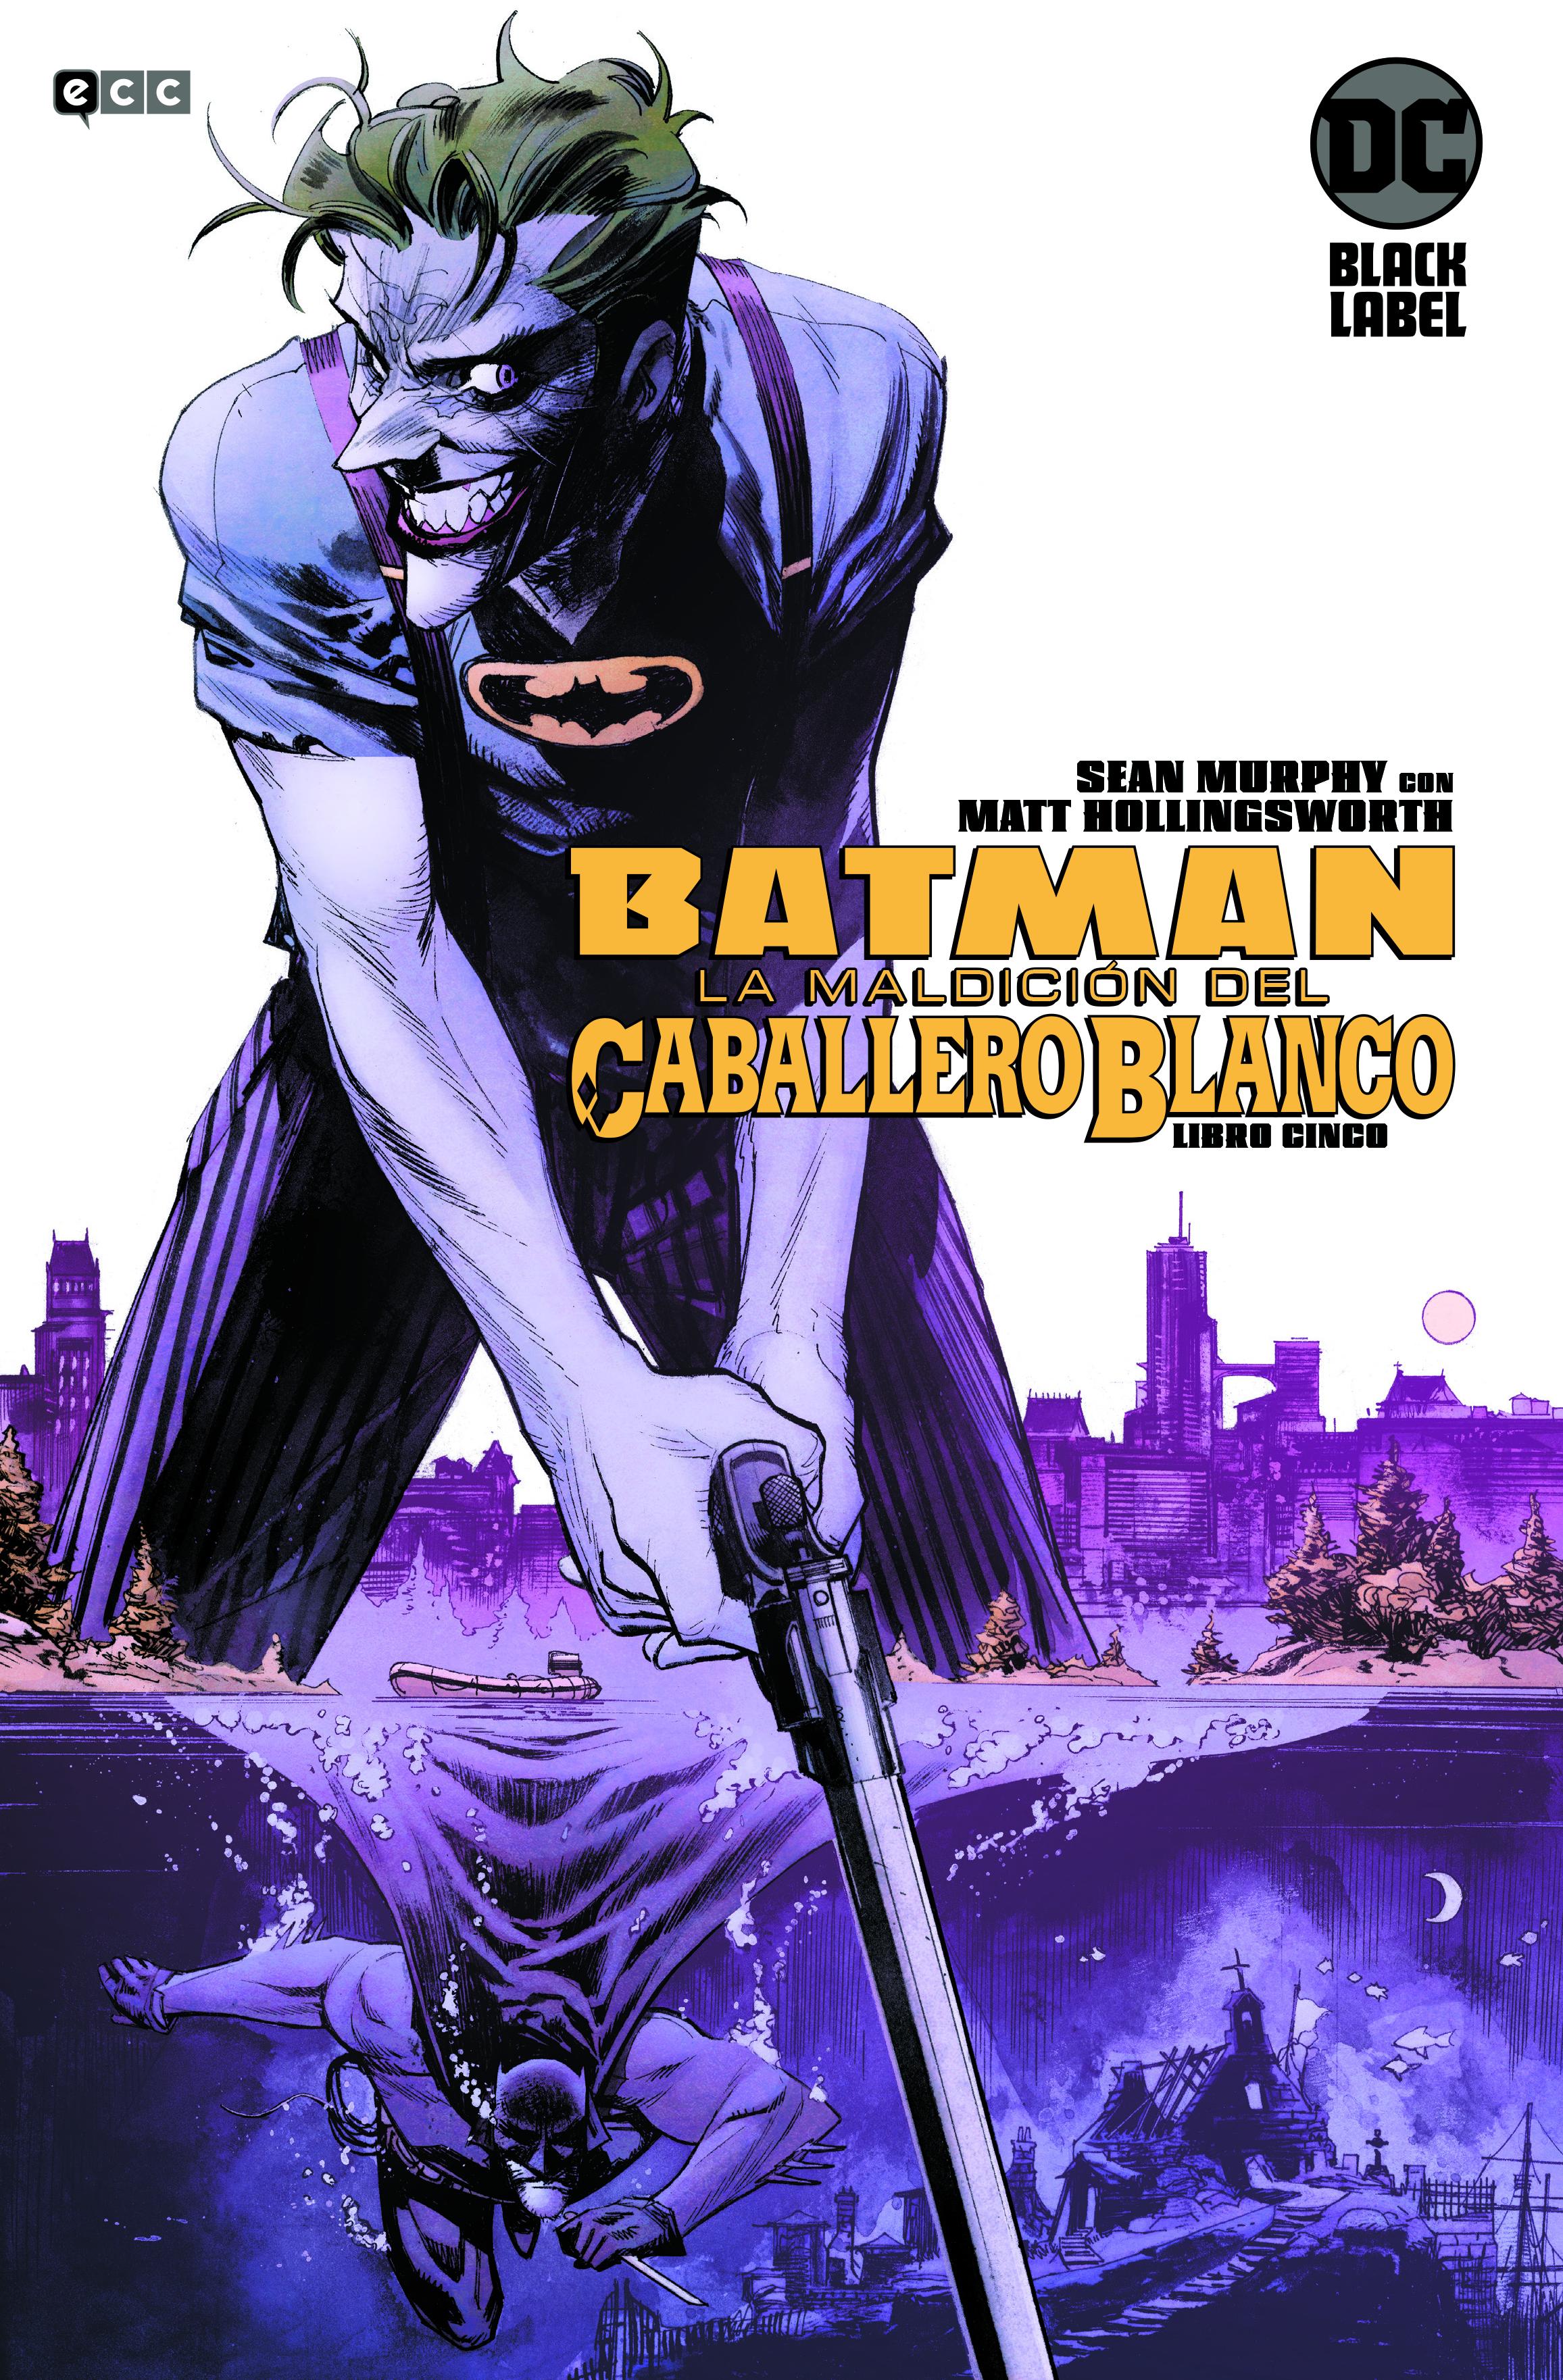 Batman: La maldición del Caballero Blanco núm. 05